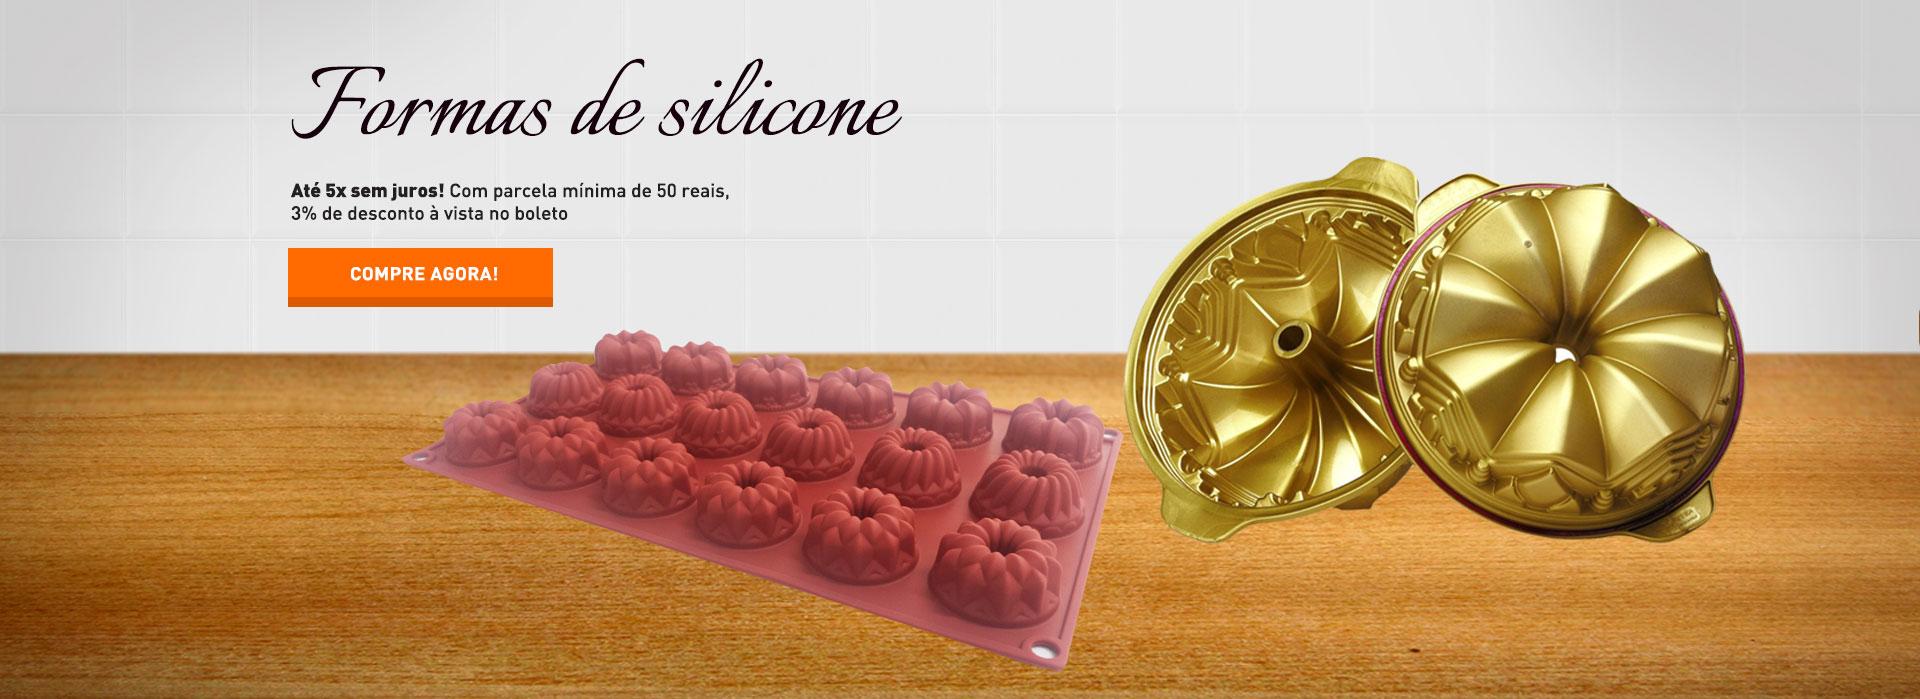 Formas silicone